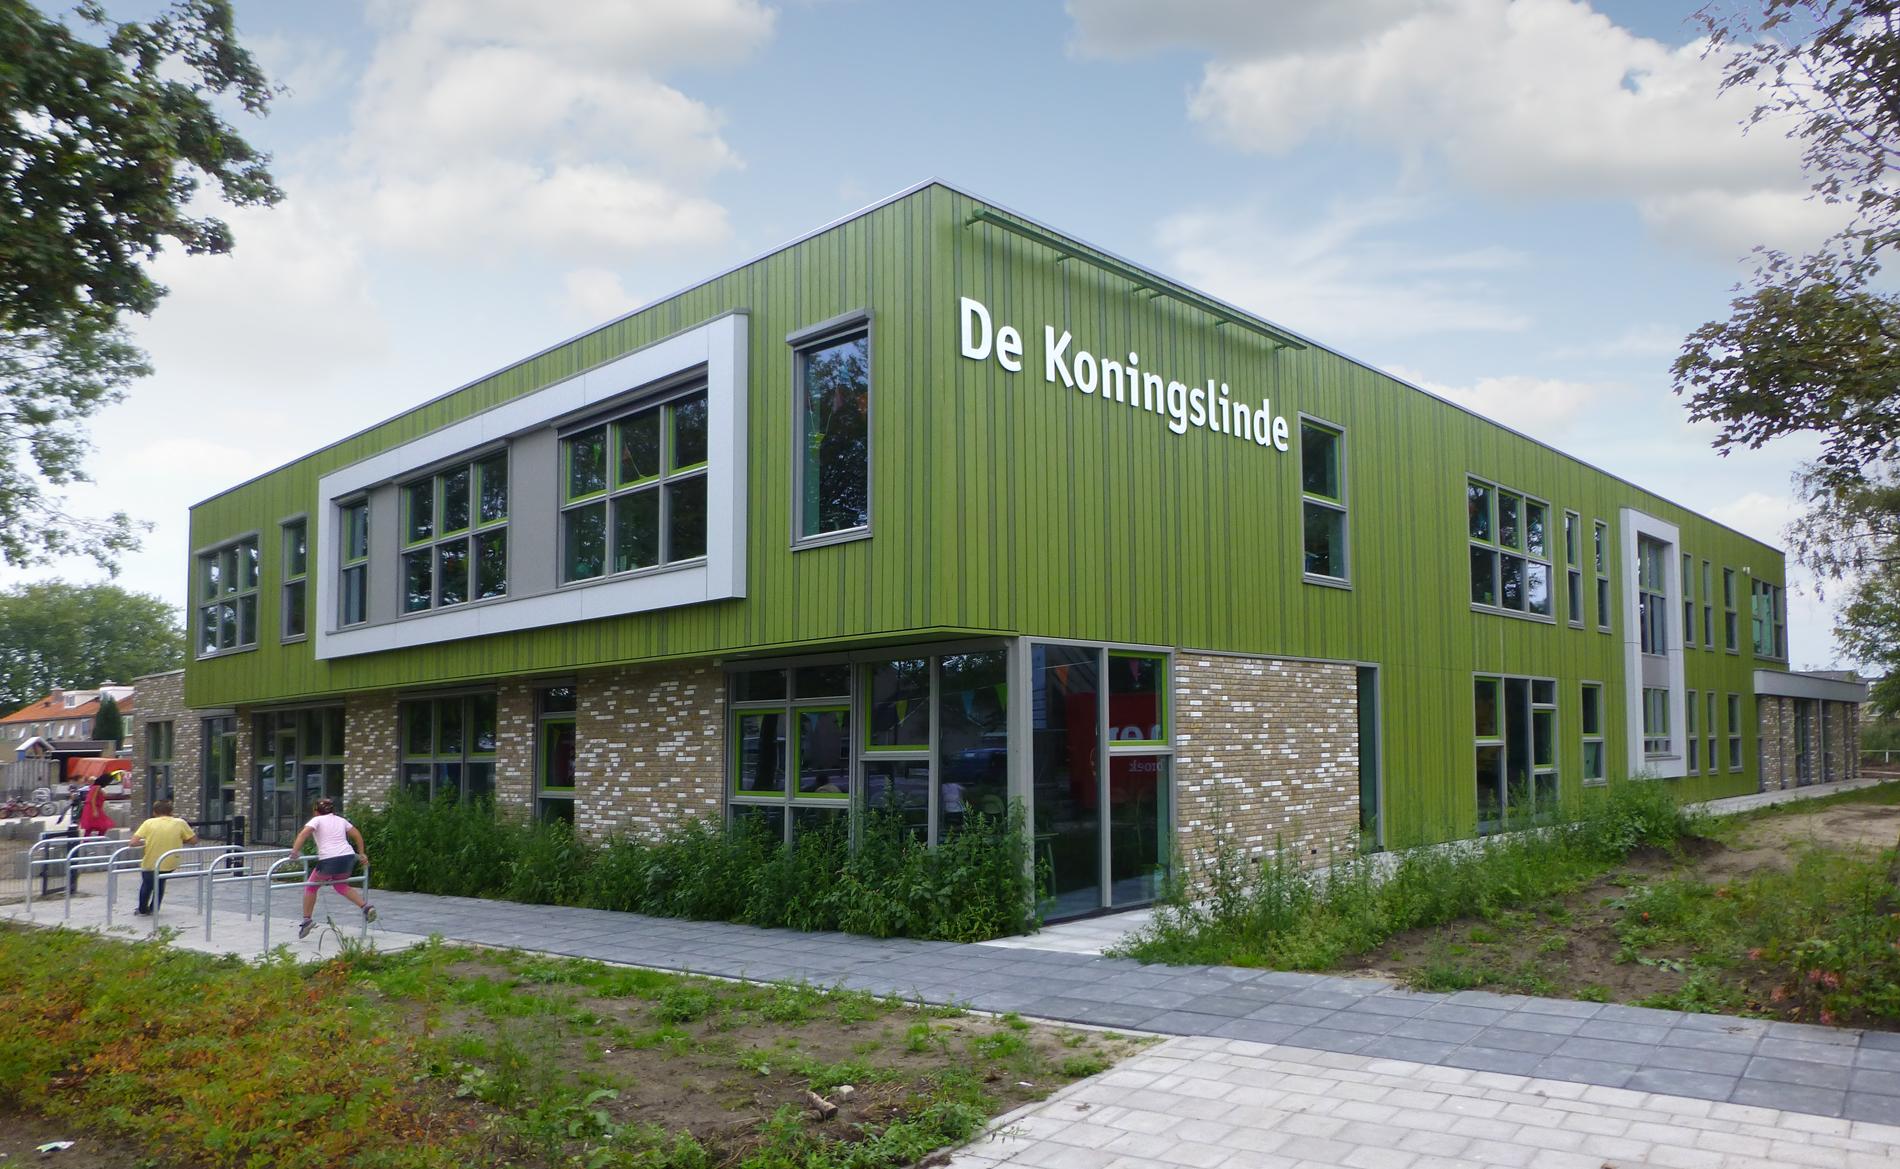 achitect scholen basisschool kinderopvang kinderdagverblijf BSO IKC De Koningslinde Nijkerk BBHD architecten